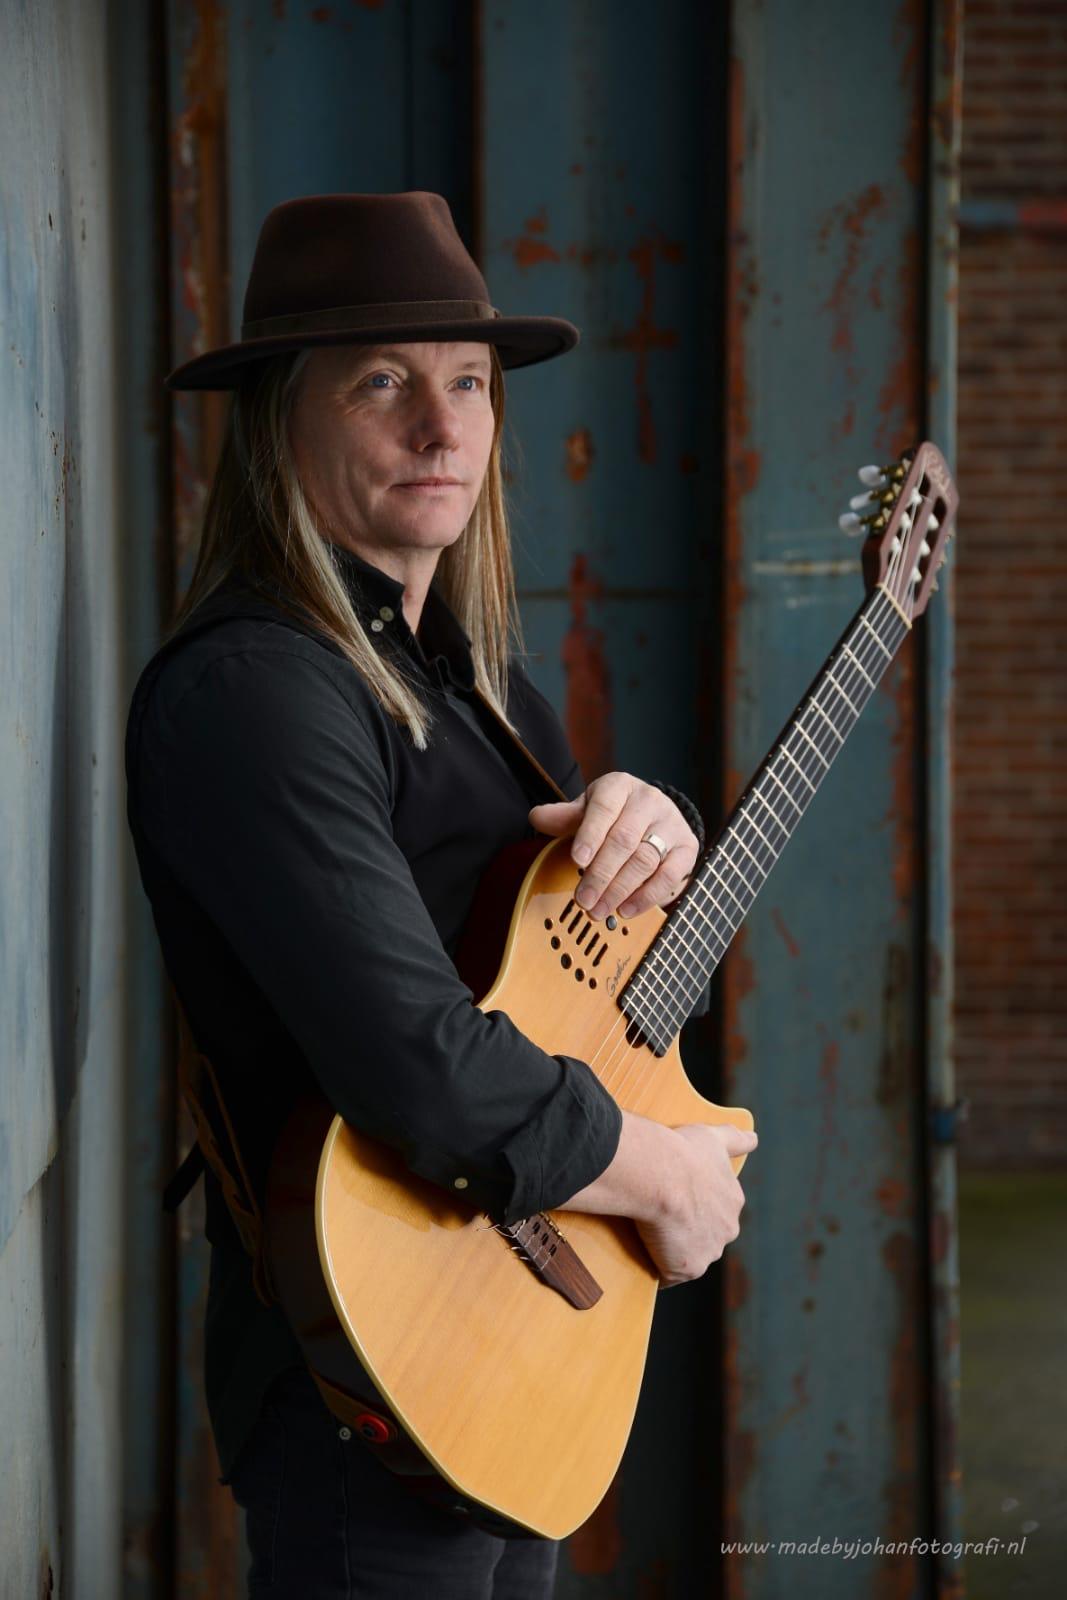 Istvan Ouborg zanger gitarist 2020